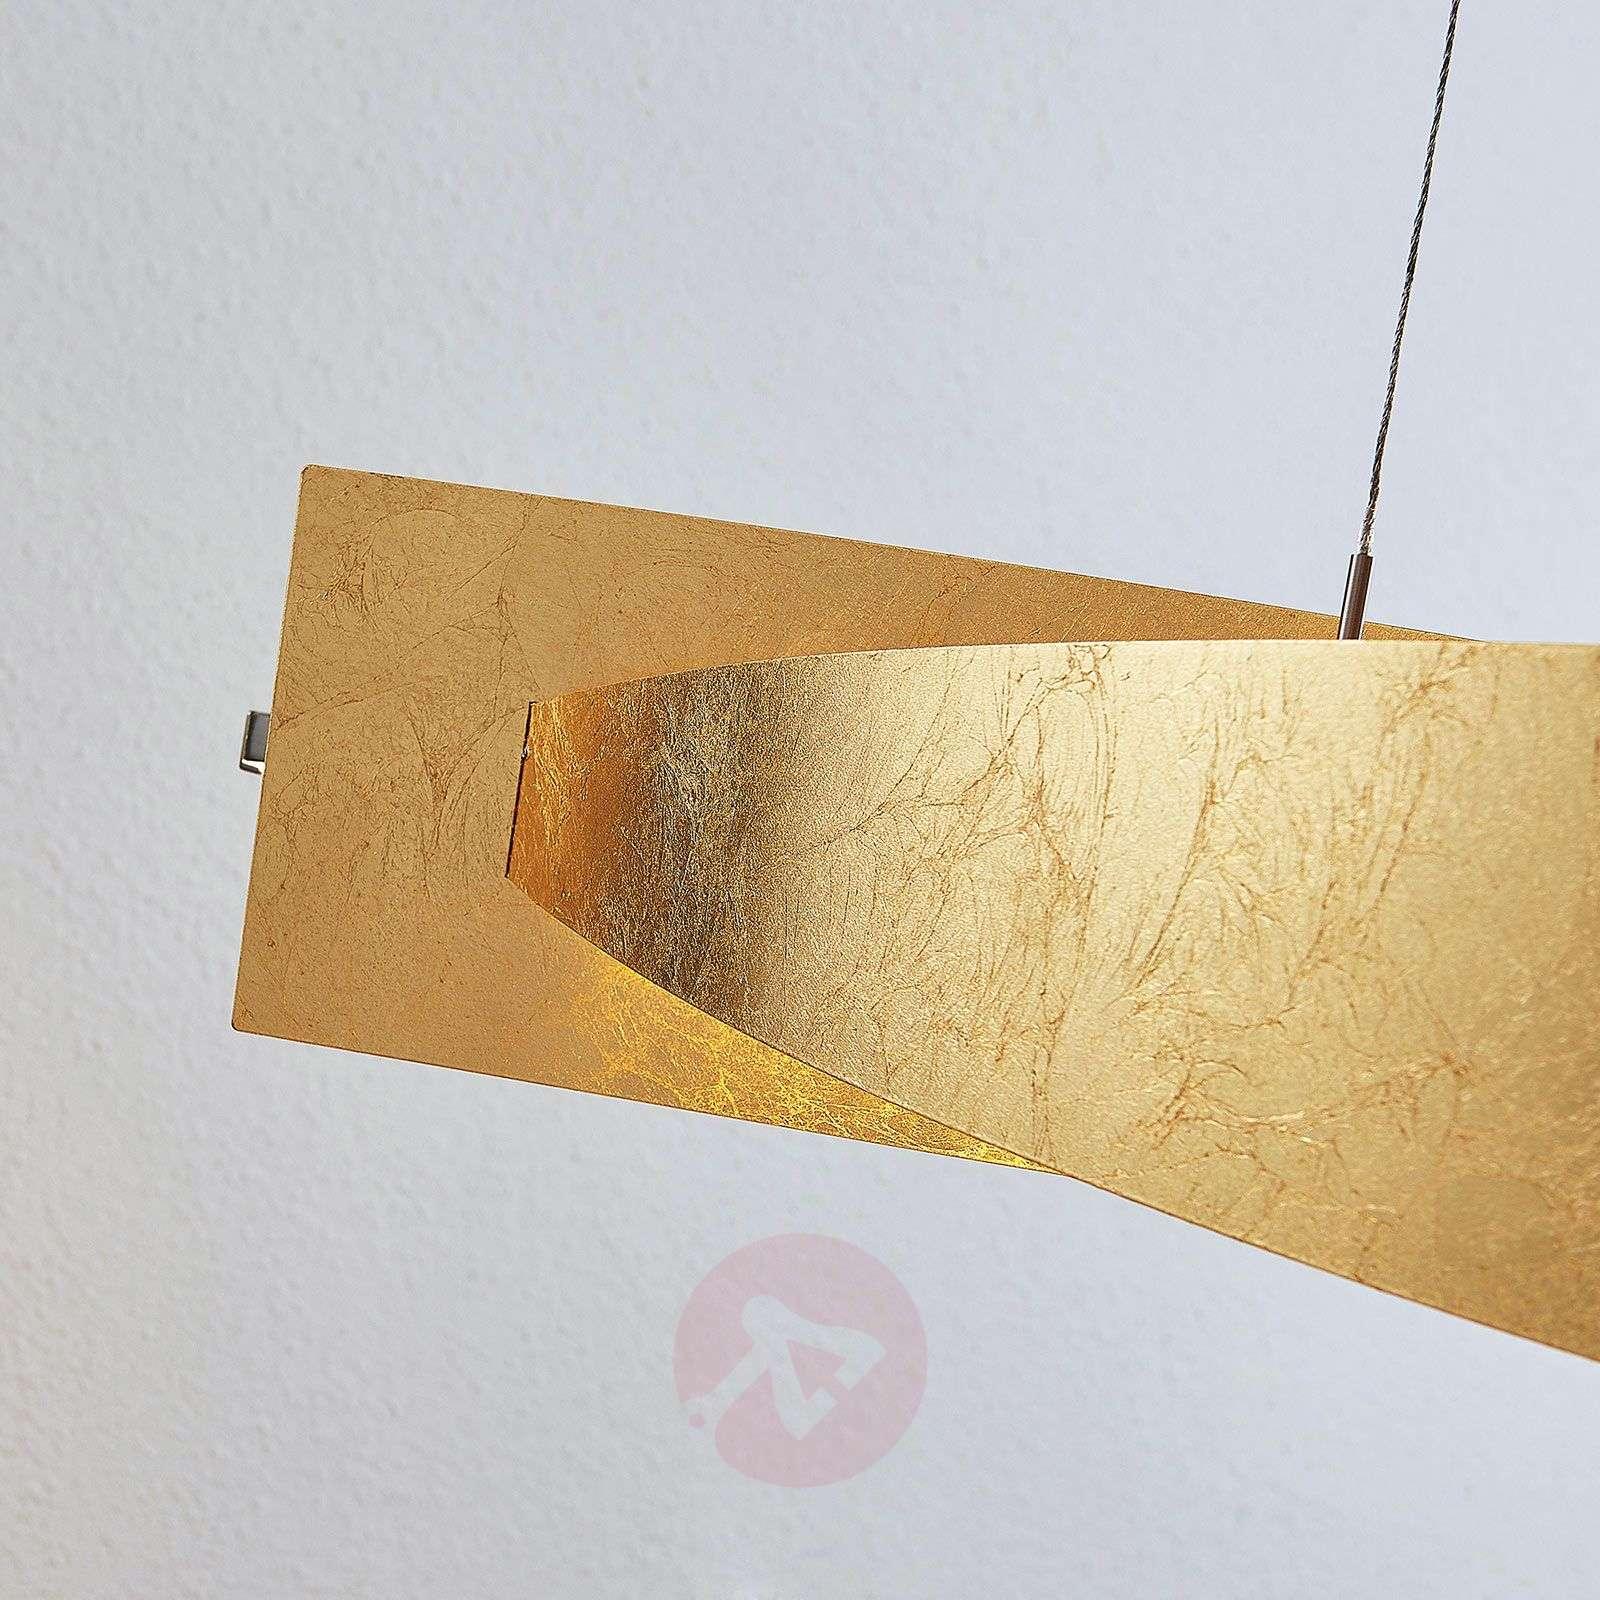 LED-riippuvalaisin Marija, pystysuora, kulta-9639114-01